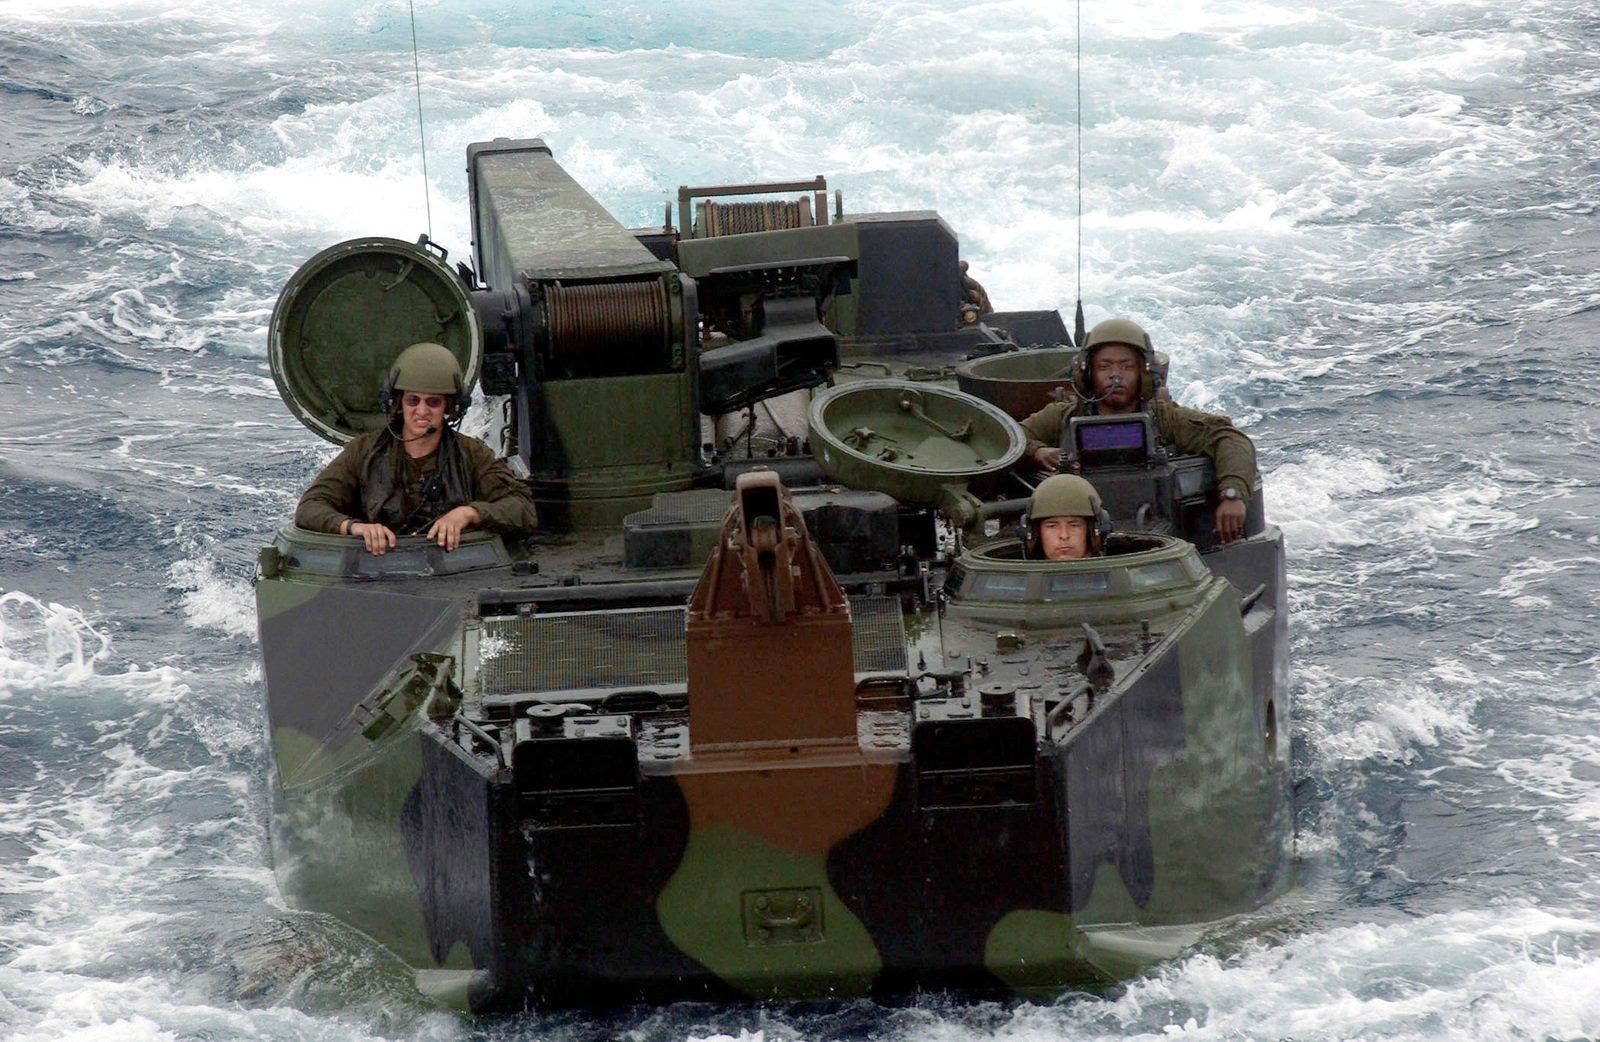 Οι ΗΠΑ παραχωρούν 9 τεθωρακισμένα AAV7A1 στην Ελλάδα – Σημαντική ενίσχυση για τις ΕΔ